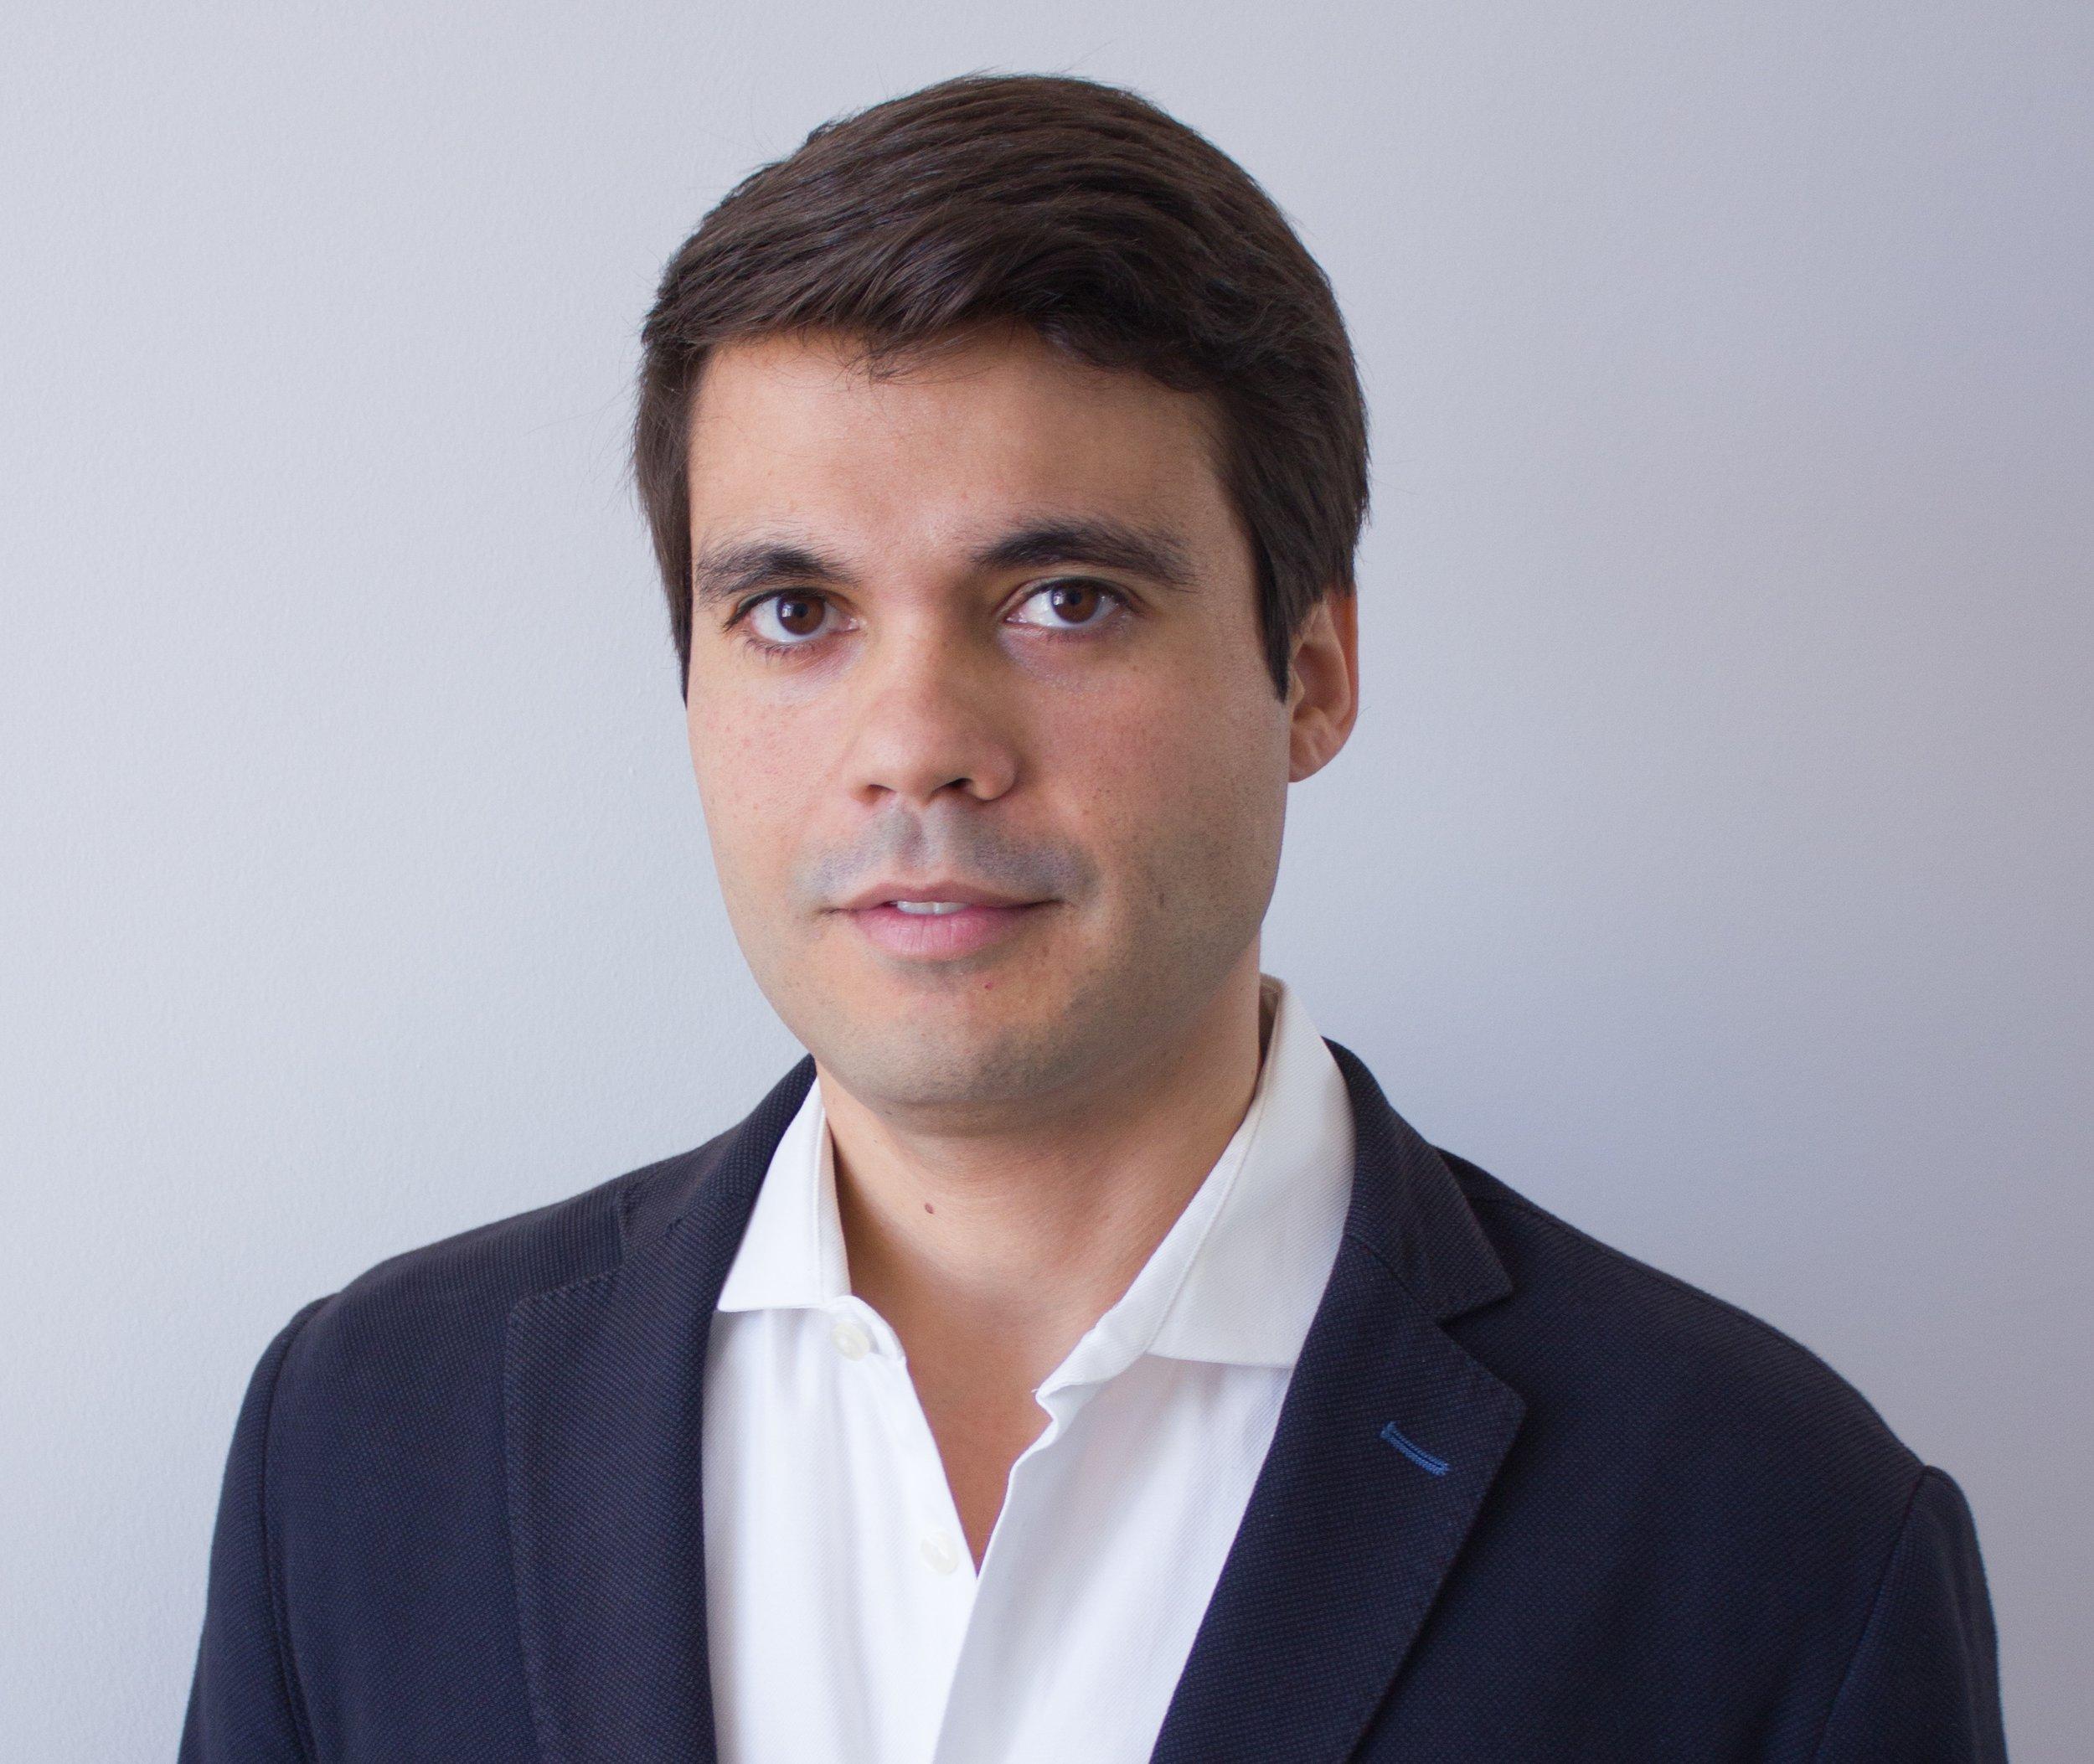 Mauro Bonêco